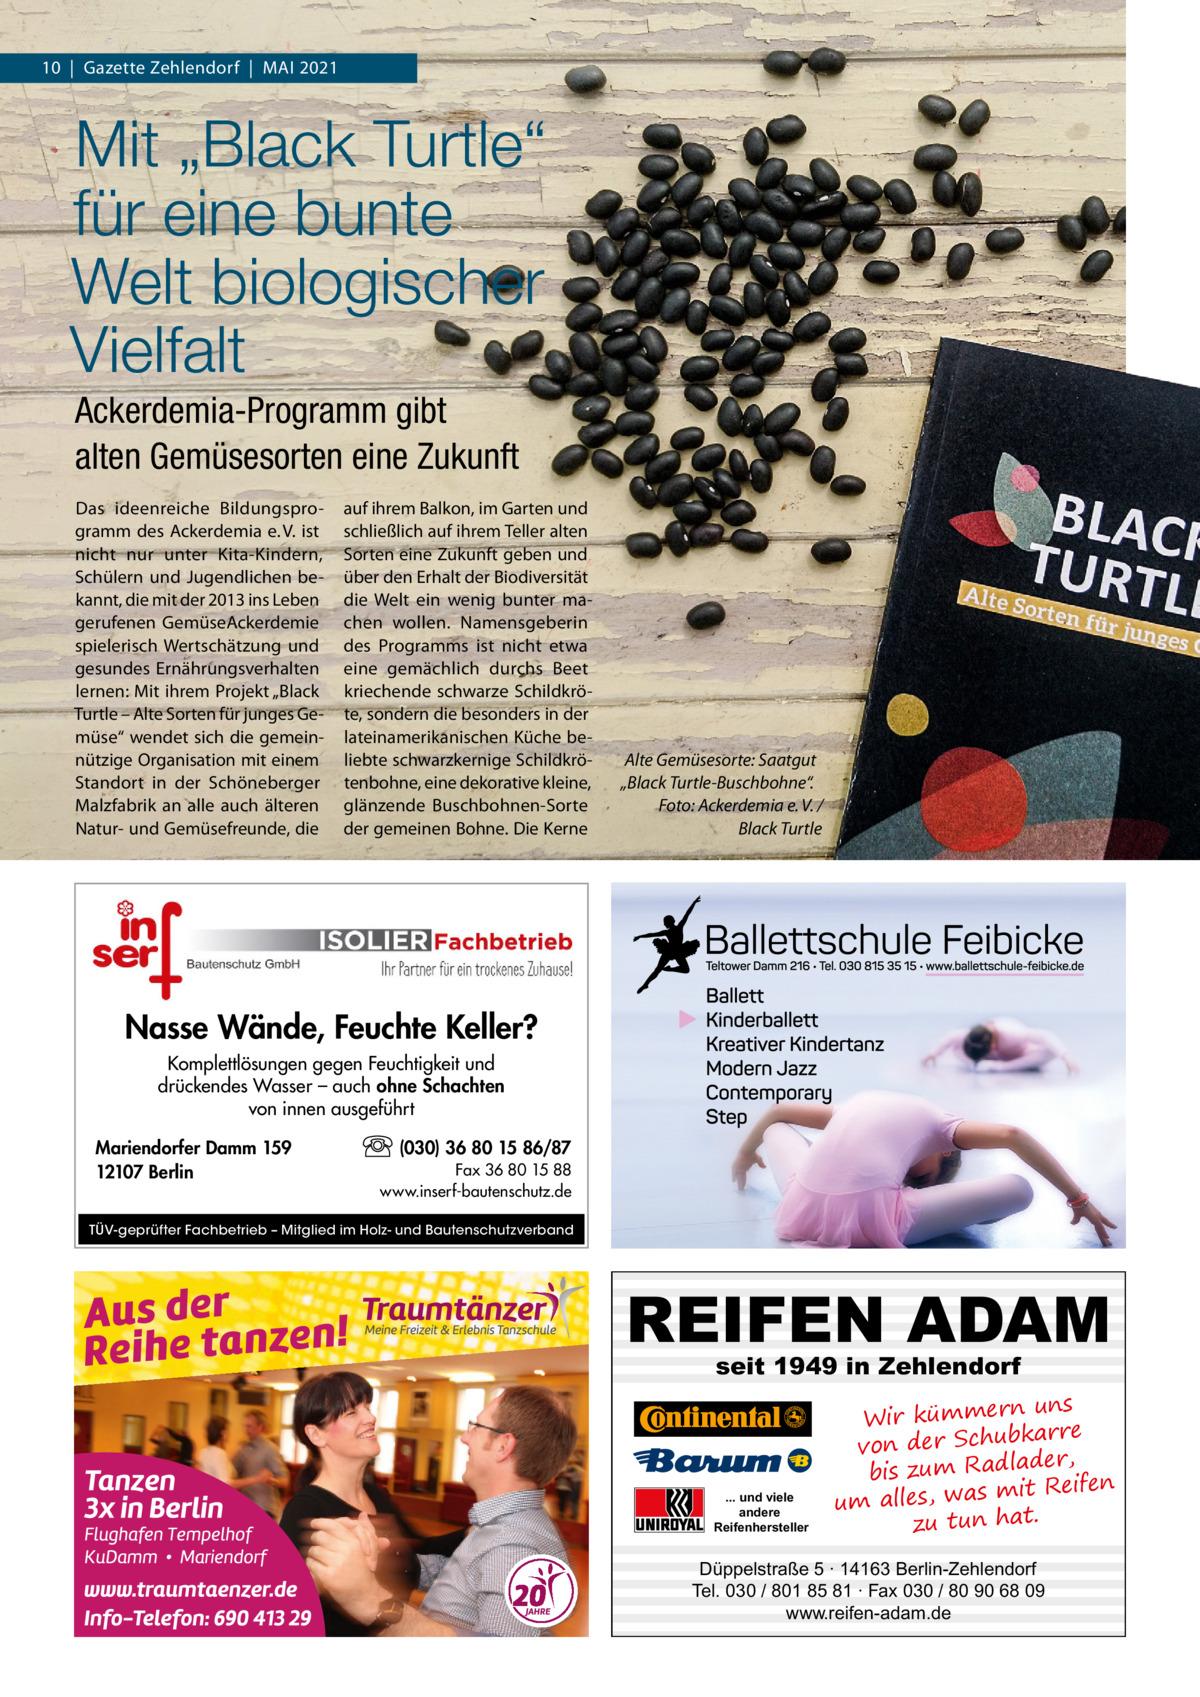 """10 Gazette Zehlendorf MAI 2021  Mit """"Black Turtle"""" für eine bunte Welt biologischer Vielfalt Ackerdemia-Programm gibt alten Gemüsesorten eine Zukunft Das ideenreiche Bildungsprogramm des Ackerdemia e. V. ist nicht nur unter Kita-Kindern, Schülern und Jugendlichen bekannt, die mit der 2013 ins Leben gerufenen GemüseAckerdemie spielerisch Wertschätzung und gesundes Ernährungsverhalten lernen: Mit ihrem Projekt """"Black Turtle – Alte Sorten für junges Gemüse"""" wendet sich die gemeinnützige Organisation mit einem Standort in der Schöneberger Malzfabrik an alle auch älteren Natur- und Gemüsefreunde, die  auf ihrem Balkon, im Garten und schließlich auf ihrem Teller alten Sorten eine Zukunft geben und über den Erhalt der Biodiversität die Welt ein wenig bunter machen wollen. Namensgeberin des Programms ist nicht etwa eine gemächlich durchs Beet kriechende schwarze Schildkröte, sondern die besonders in der lateinamerikanischen Küche beliebte schwarzkernige Schildkrötenbohne, eine dekorative kleine, glänzende Buschbohnen-Sorte der gemeinen Bohne. Die Kerne  Alte Gemüsesorte: Saatgut """"Black Turtle-Buschbohne"""". Foto: Ackerdemia e. V. / Black Turtle  Nasse Wände, Feuchte Keller? Komplettlösungen gegen Feuchtigkeit und drückendes Wasser – auch ohne Schachten von innen ausgeführt Mariendorfer Damm 159 12107 Berlin  (030) 36 80 15 86/87 Fax 36 80 15 88 www.inserf-bautenschutz.de  TÜV-geprüfter Fachbetrieb – Mitglied im Holz- und Bautenschutzverband  REIFEN ADAM seit 1949 in Zehlendorf  ... und viele andere Reifenhersteller  uns Wir kümmern re ar bk von der Schu er d , bis zum Radla mit Reifen um alles, was zu tun hat.  Düppelstraße 5 · 14163 Berlin-Zehlendorf Tel. 030 / 801 85 81 · Fax 030 / 80 90 68 09 www.reifen-adam.de"""